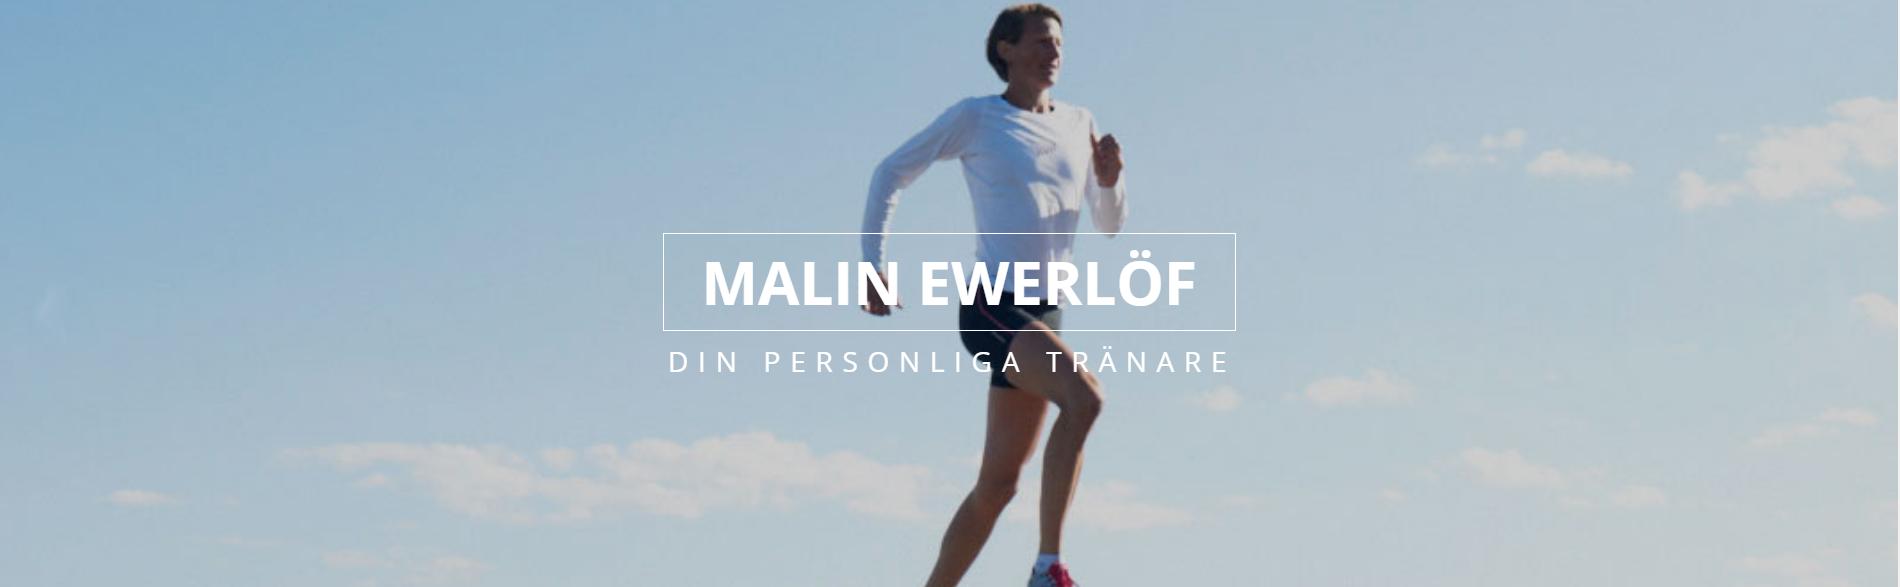 Förbättra din löpning med Malin Ewerlöf